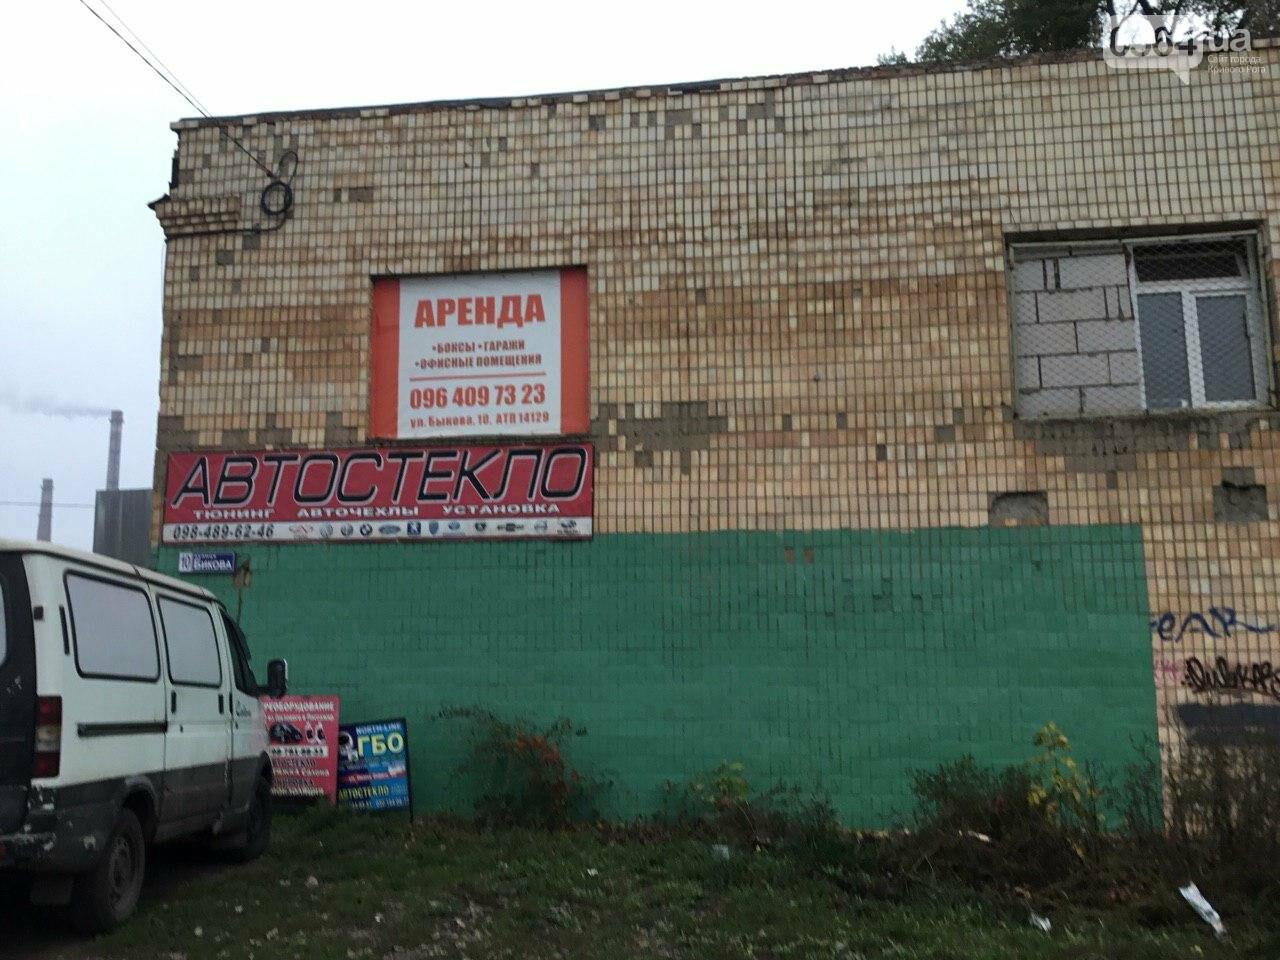 Депутат: в центре Кривого Рога 15 лет незаконно используют участок земли, - ФОТО, ВИДЕО, фото-20